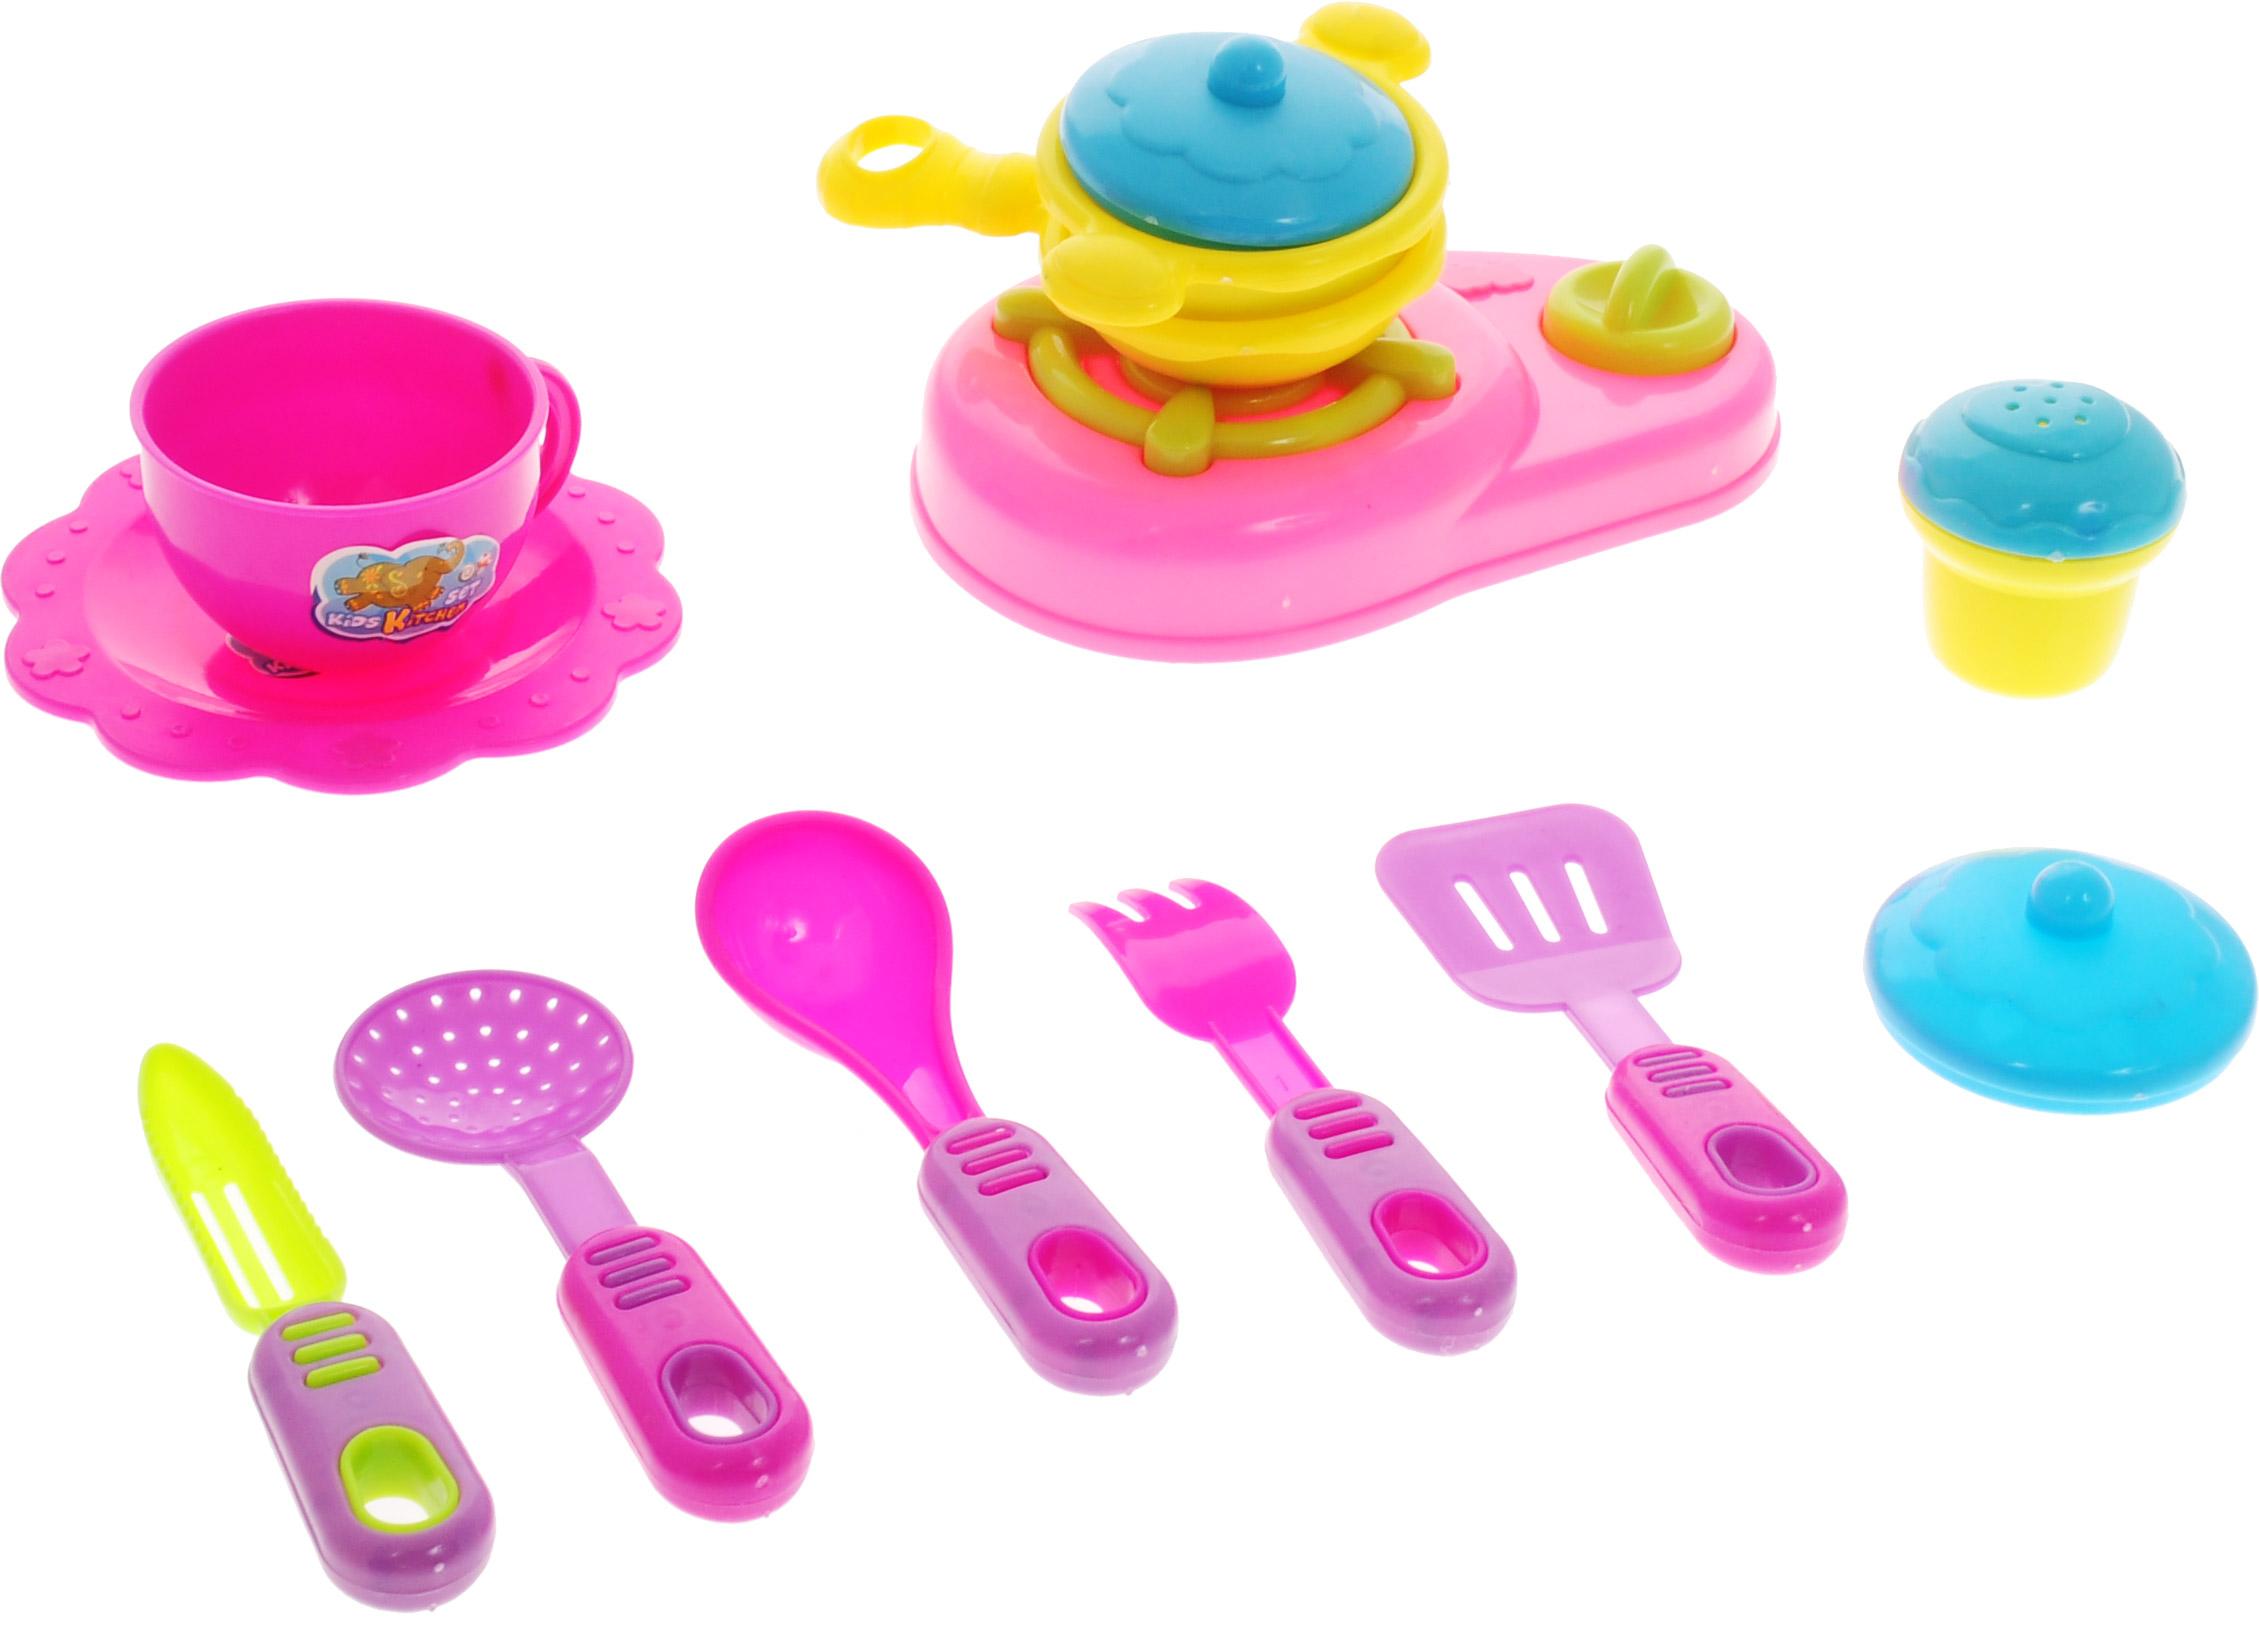 Shantou Игрушечный набор Кухня цвет плиты розовый